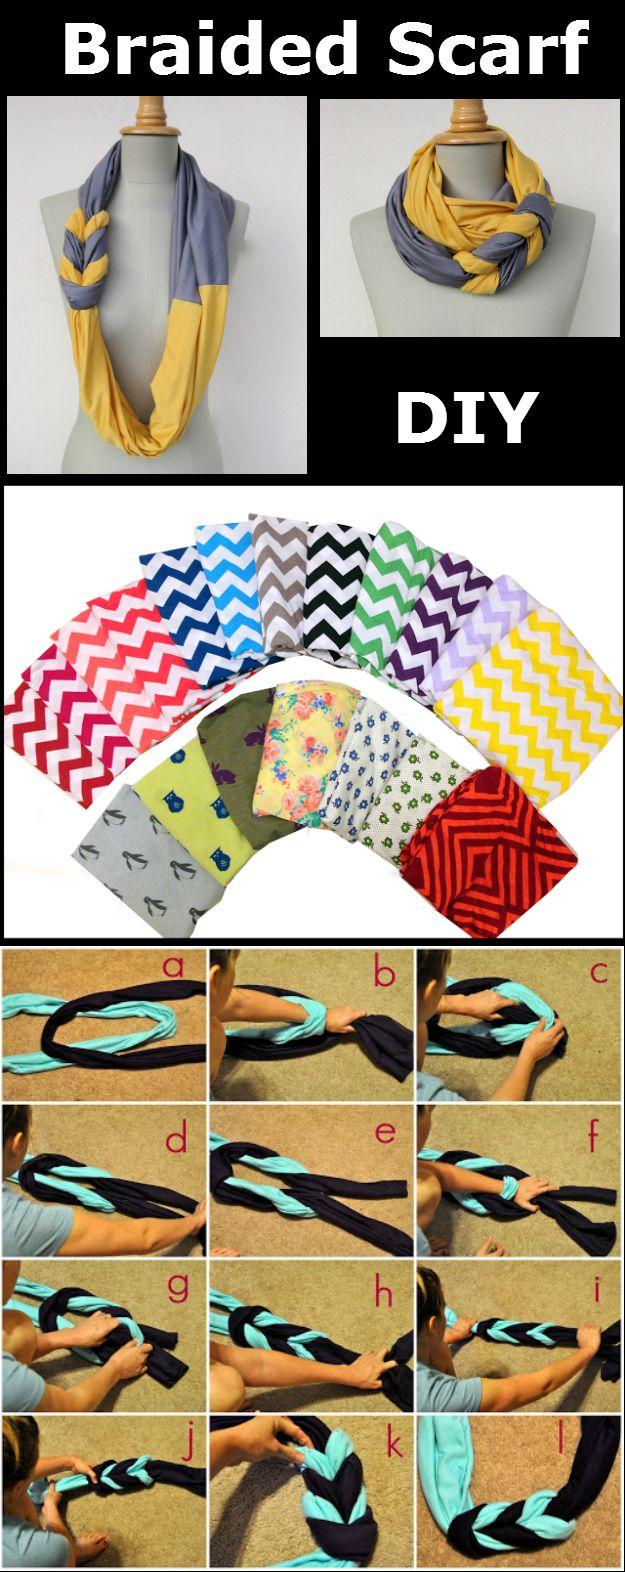 DIY Braided Scarf - http://diyideas4home.com/2013/12/diy-braided-scarf/